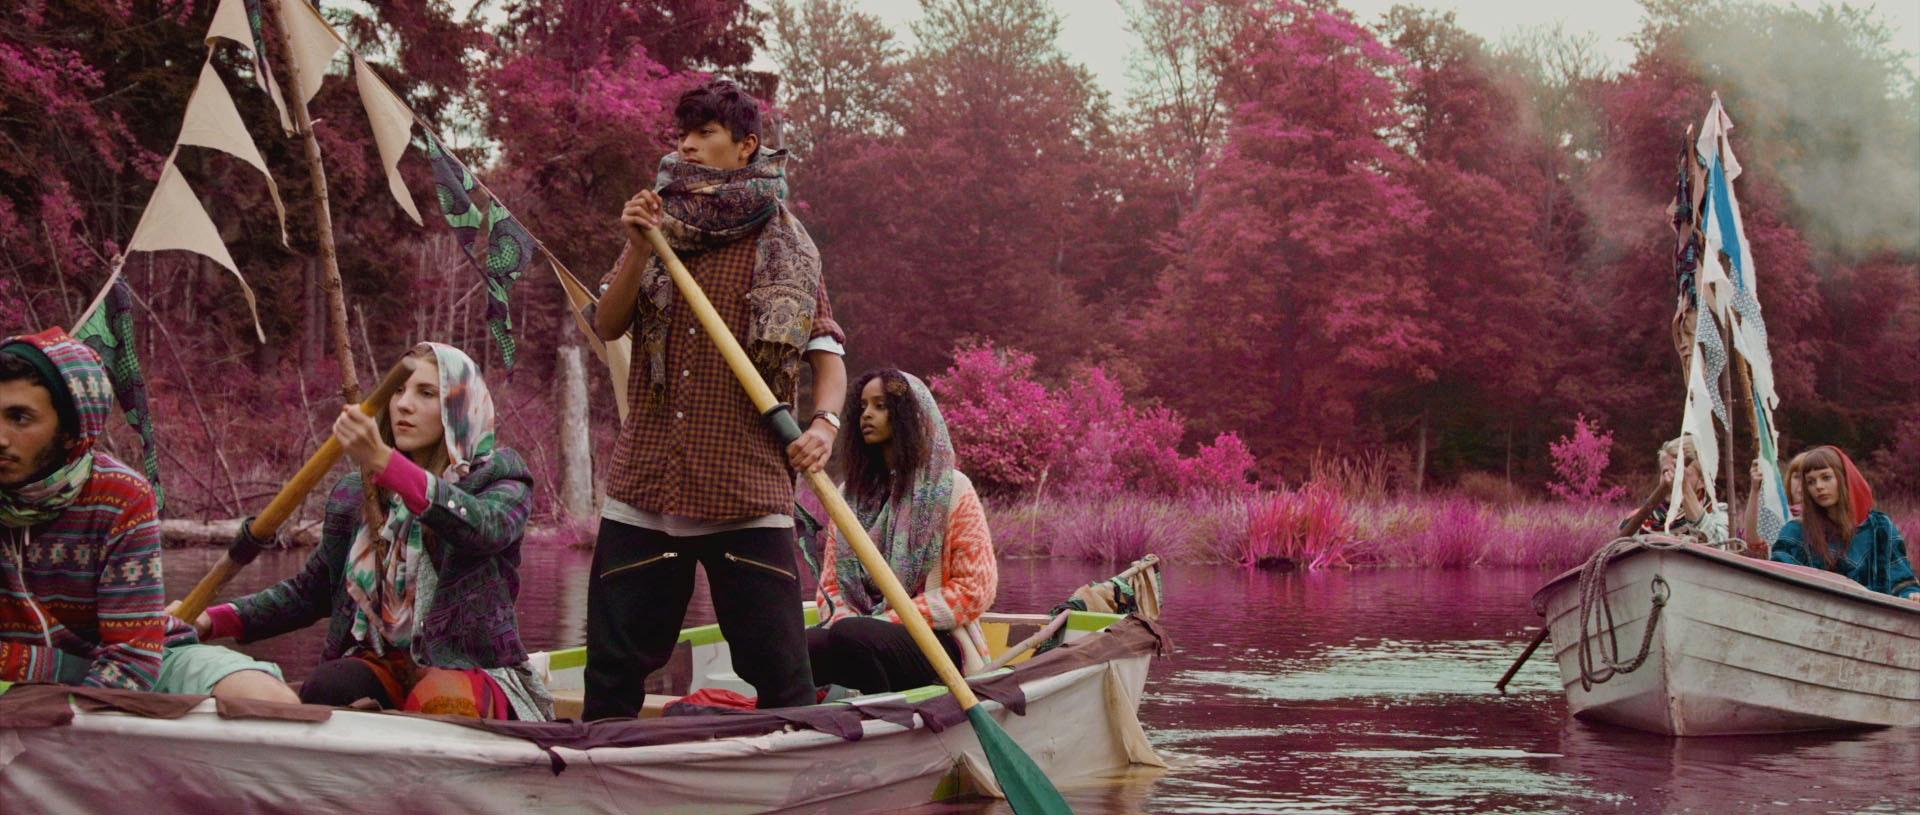 Naughty Boy ft Emeli Sandé / Wonder - Nadia Marquard Otzen